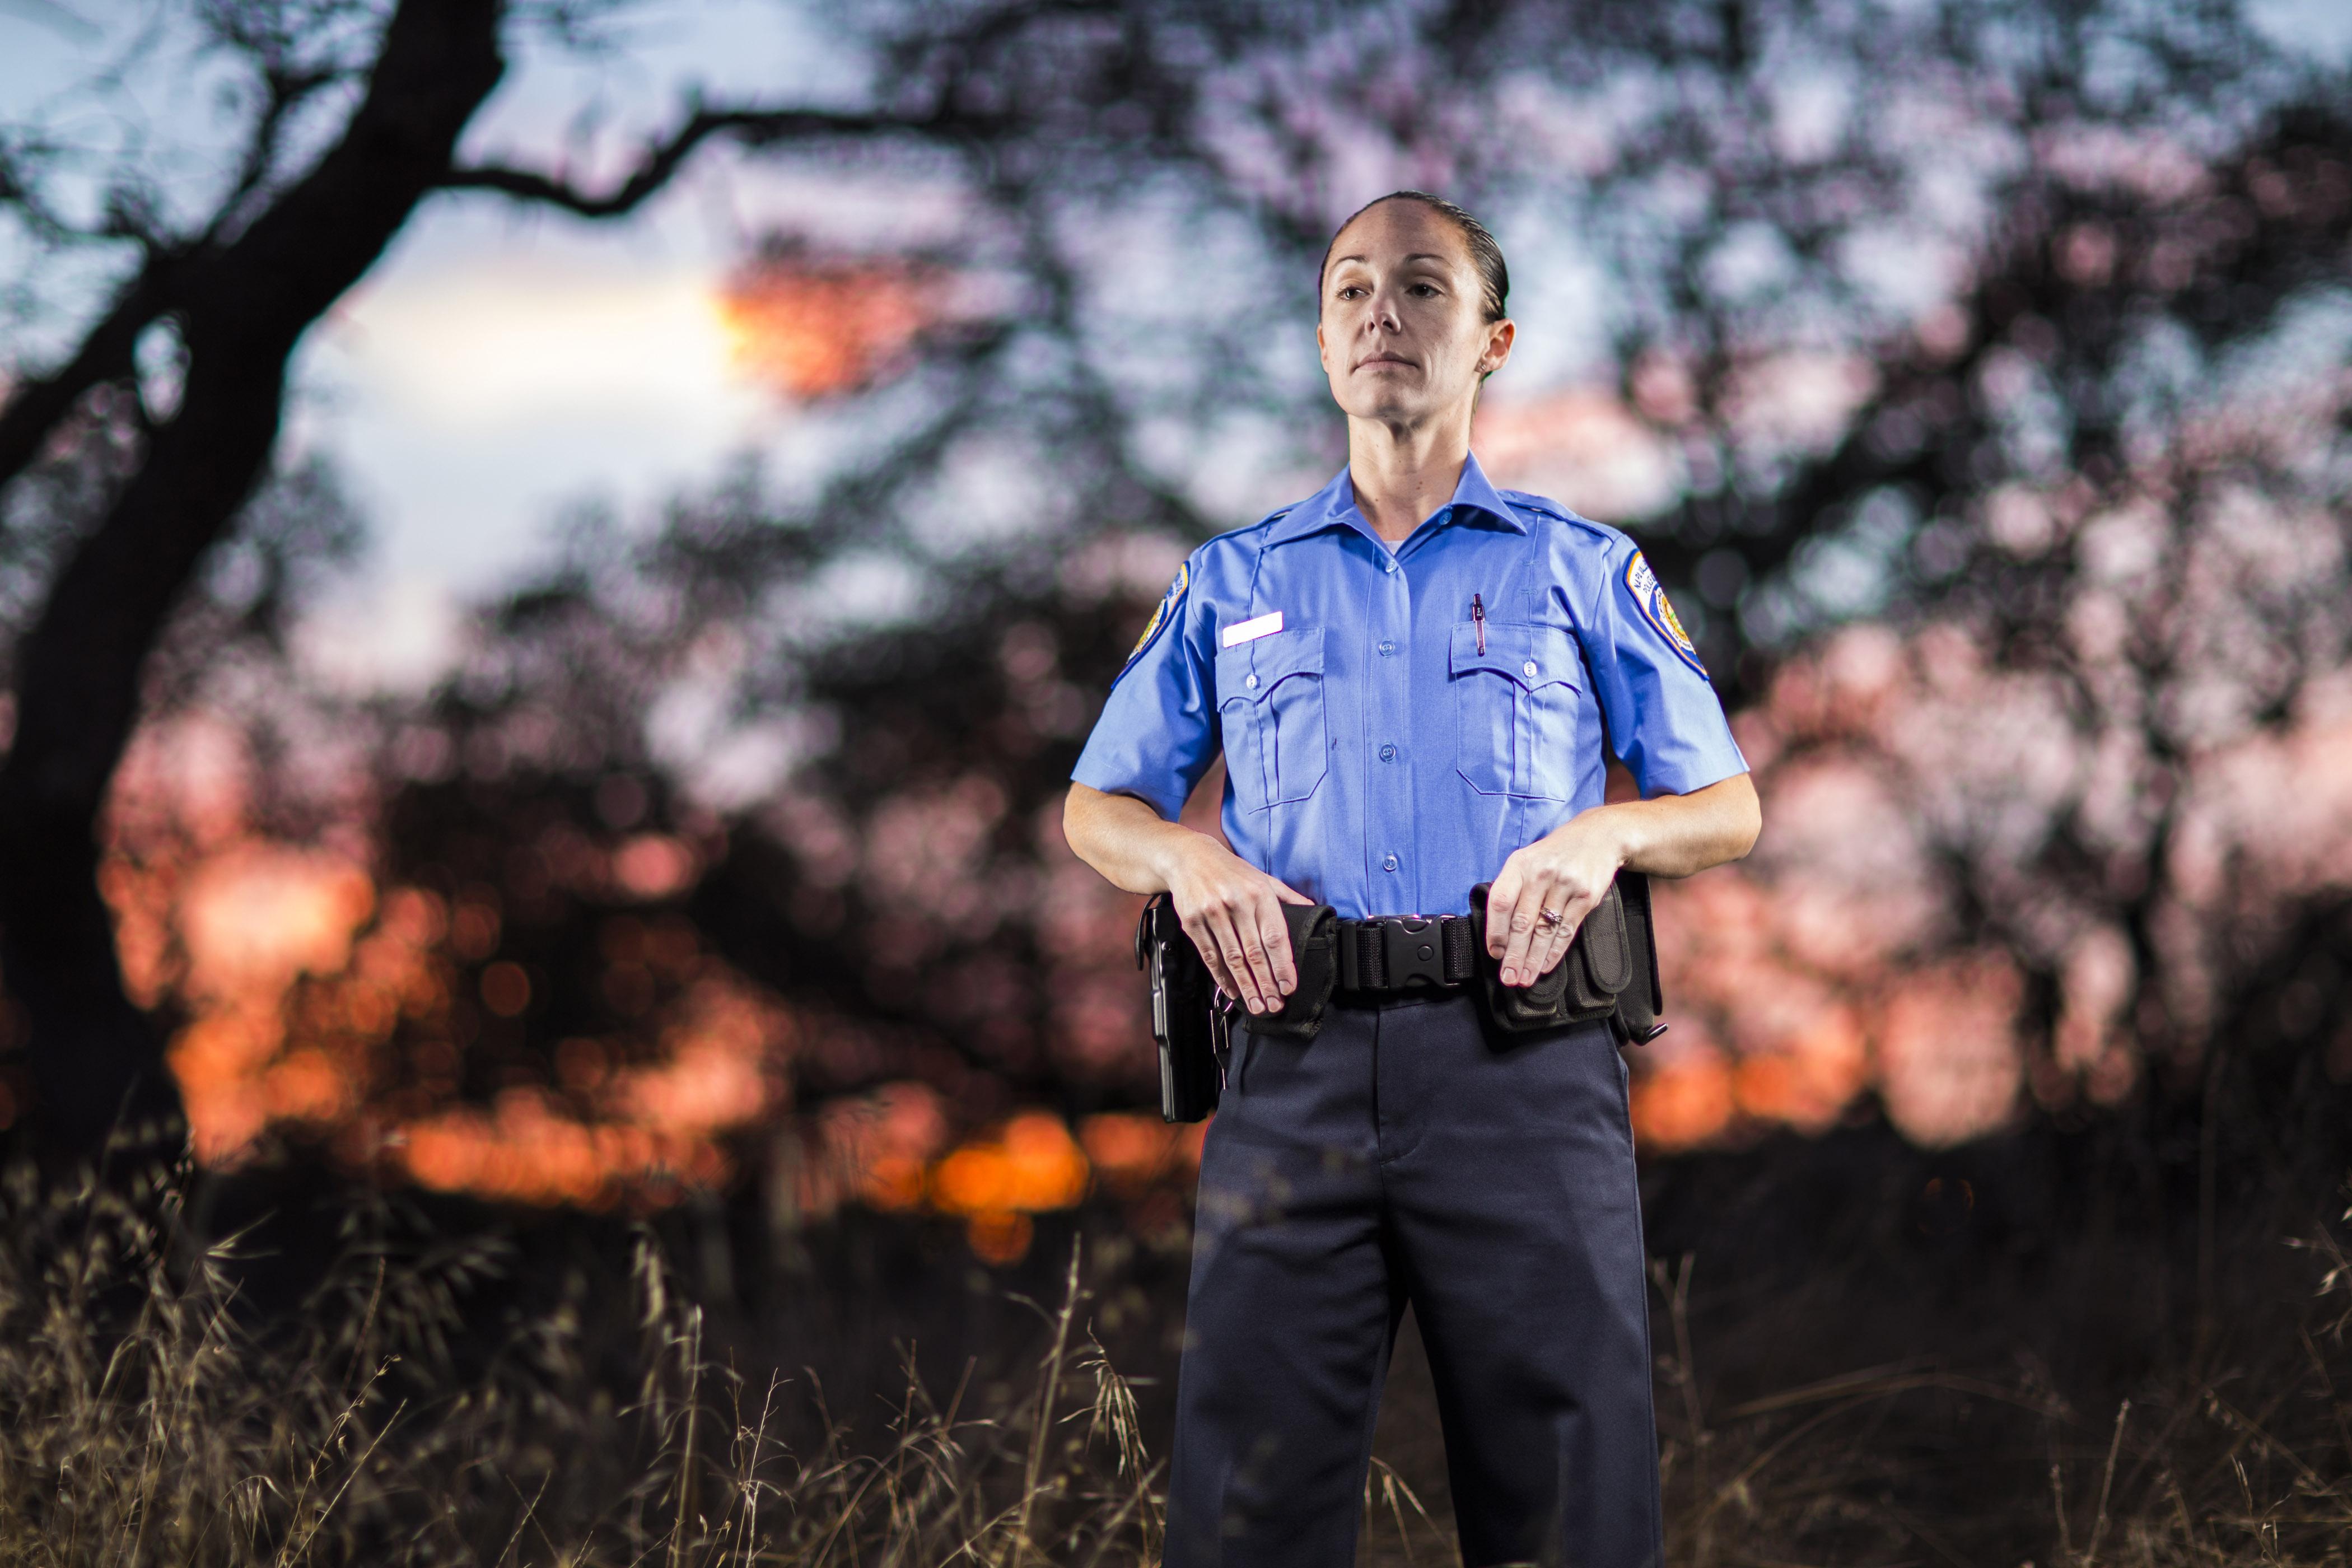 napa police academy cadet